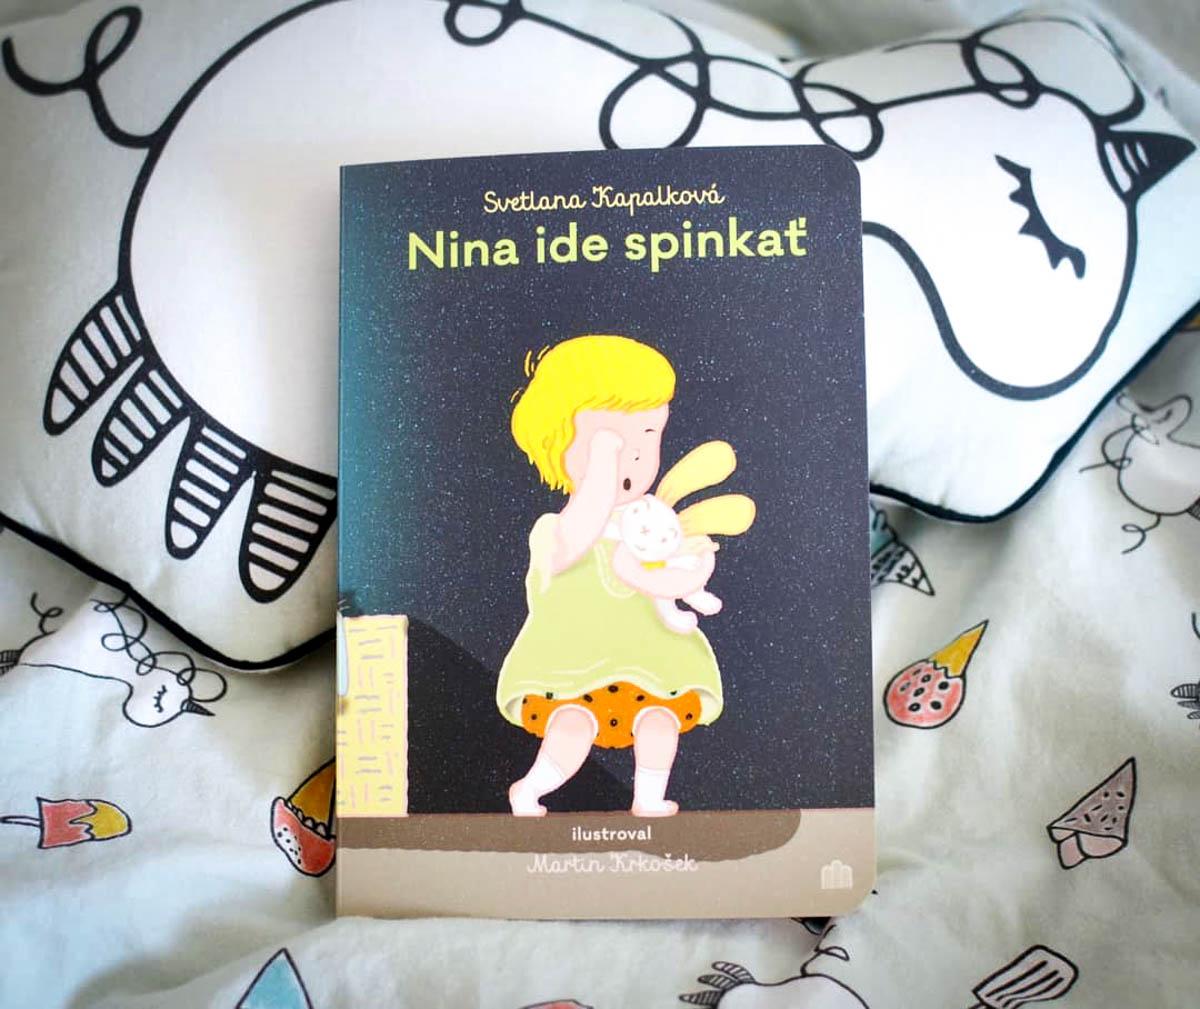 Kniha Nina ide spinkať / Foto: FB Ninnulina číta